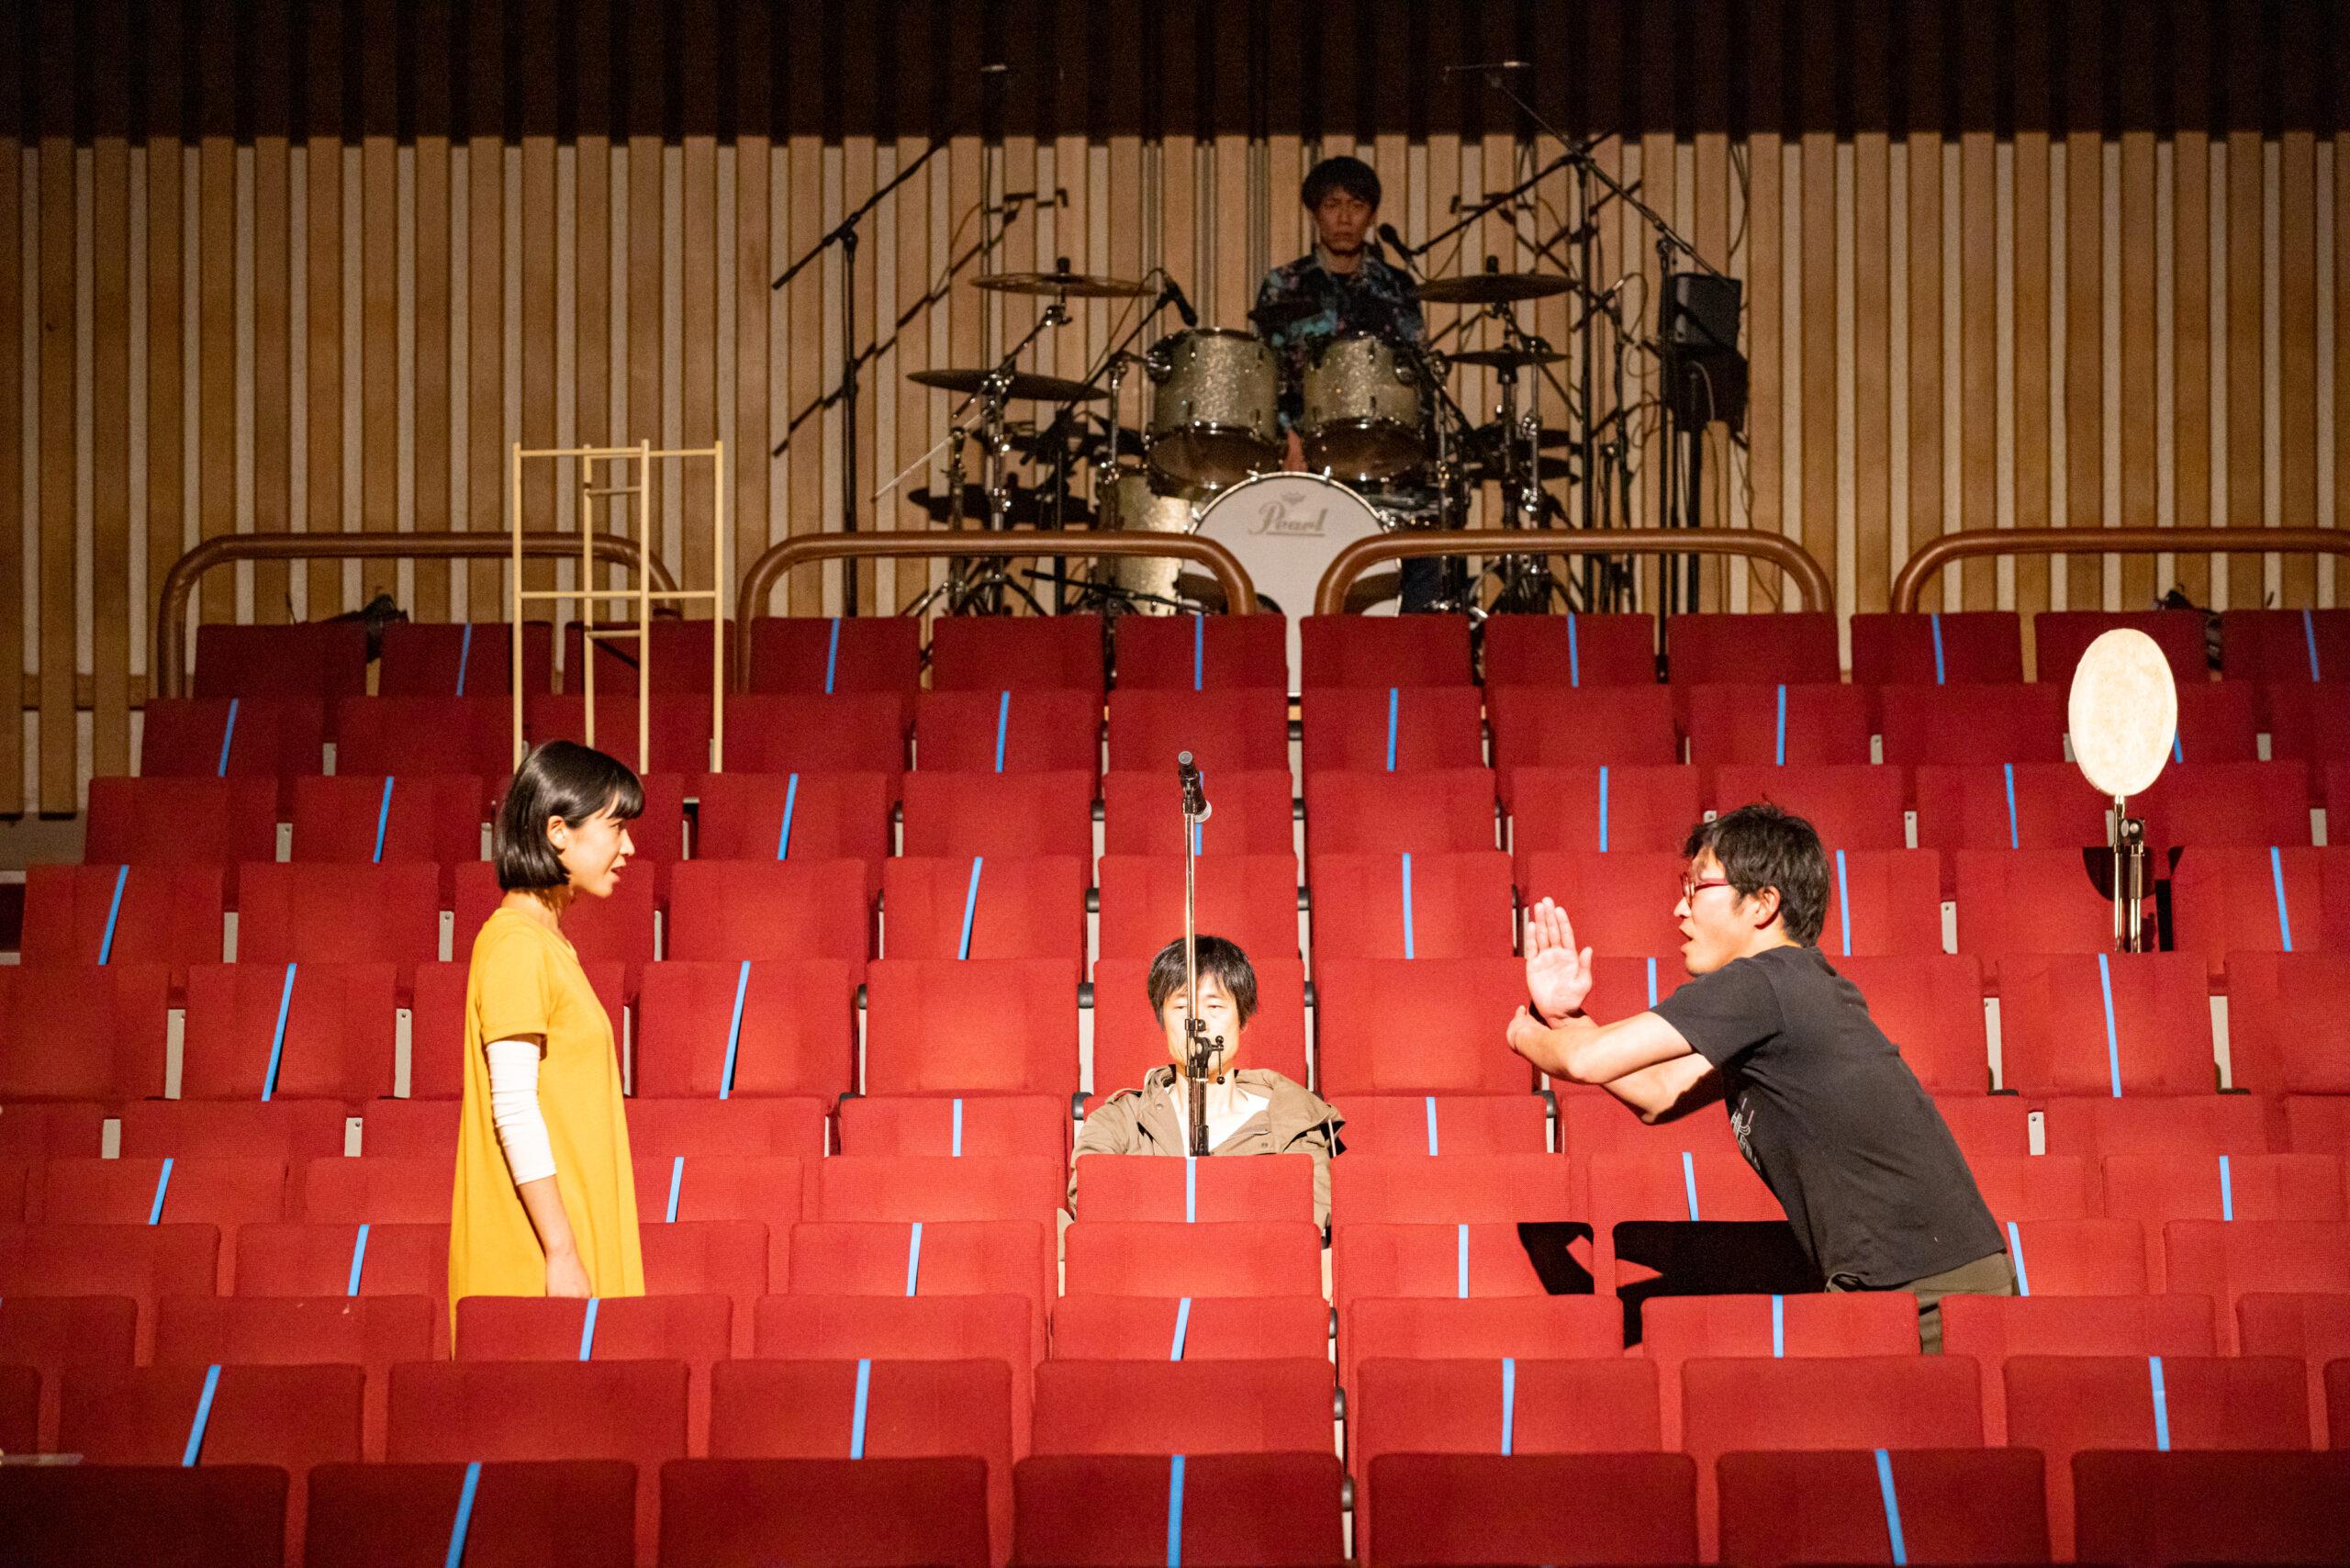 news | ルサンチカのウェブサイトに『GOOD WAR』の舞台写真を掲載していただいています。